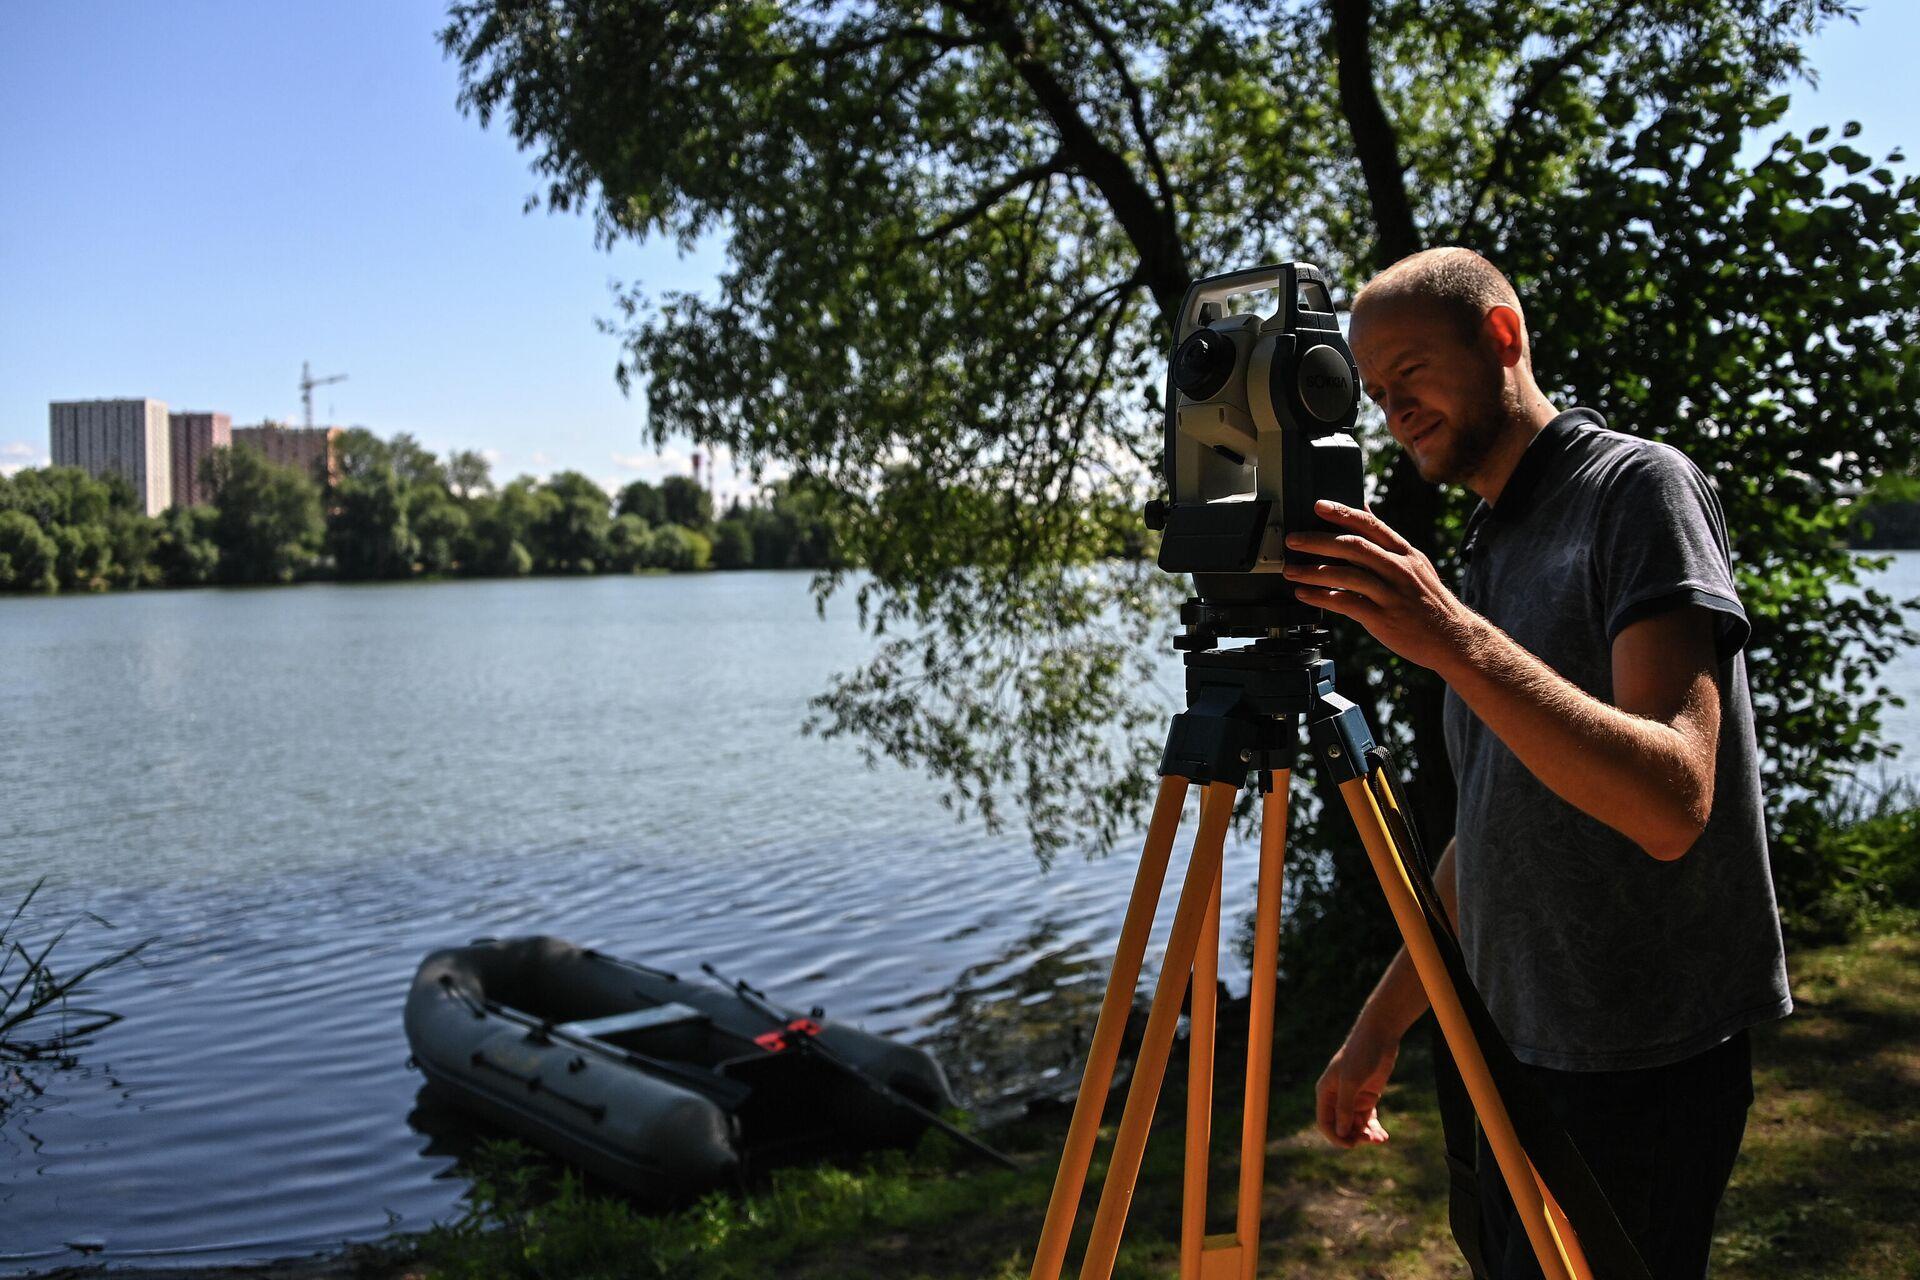 Сотрудник Мосэкомониторинга проводит исследования на Косинских озерах в Москве - РИА Новости, 1920, 04.08.2021